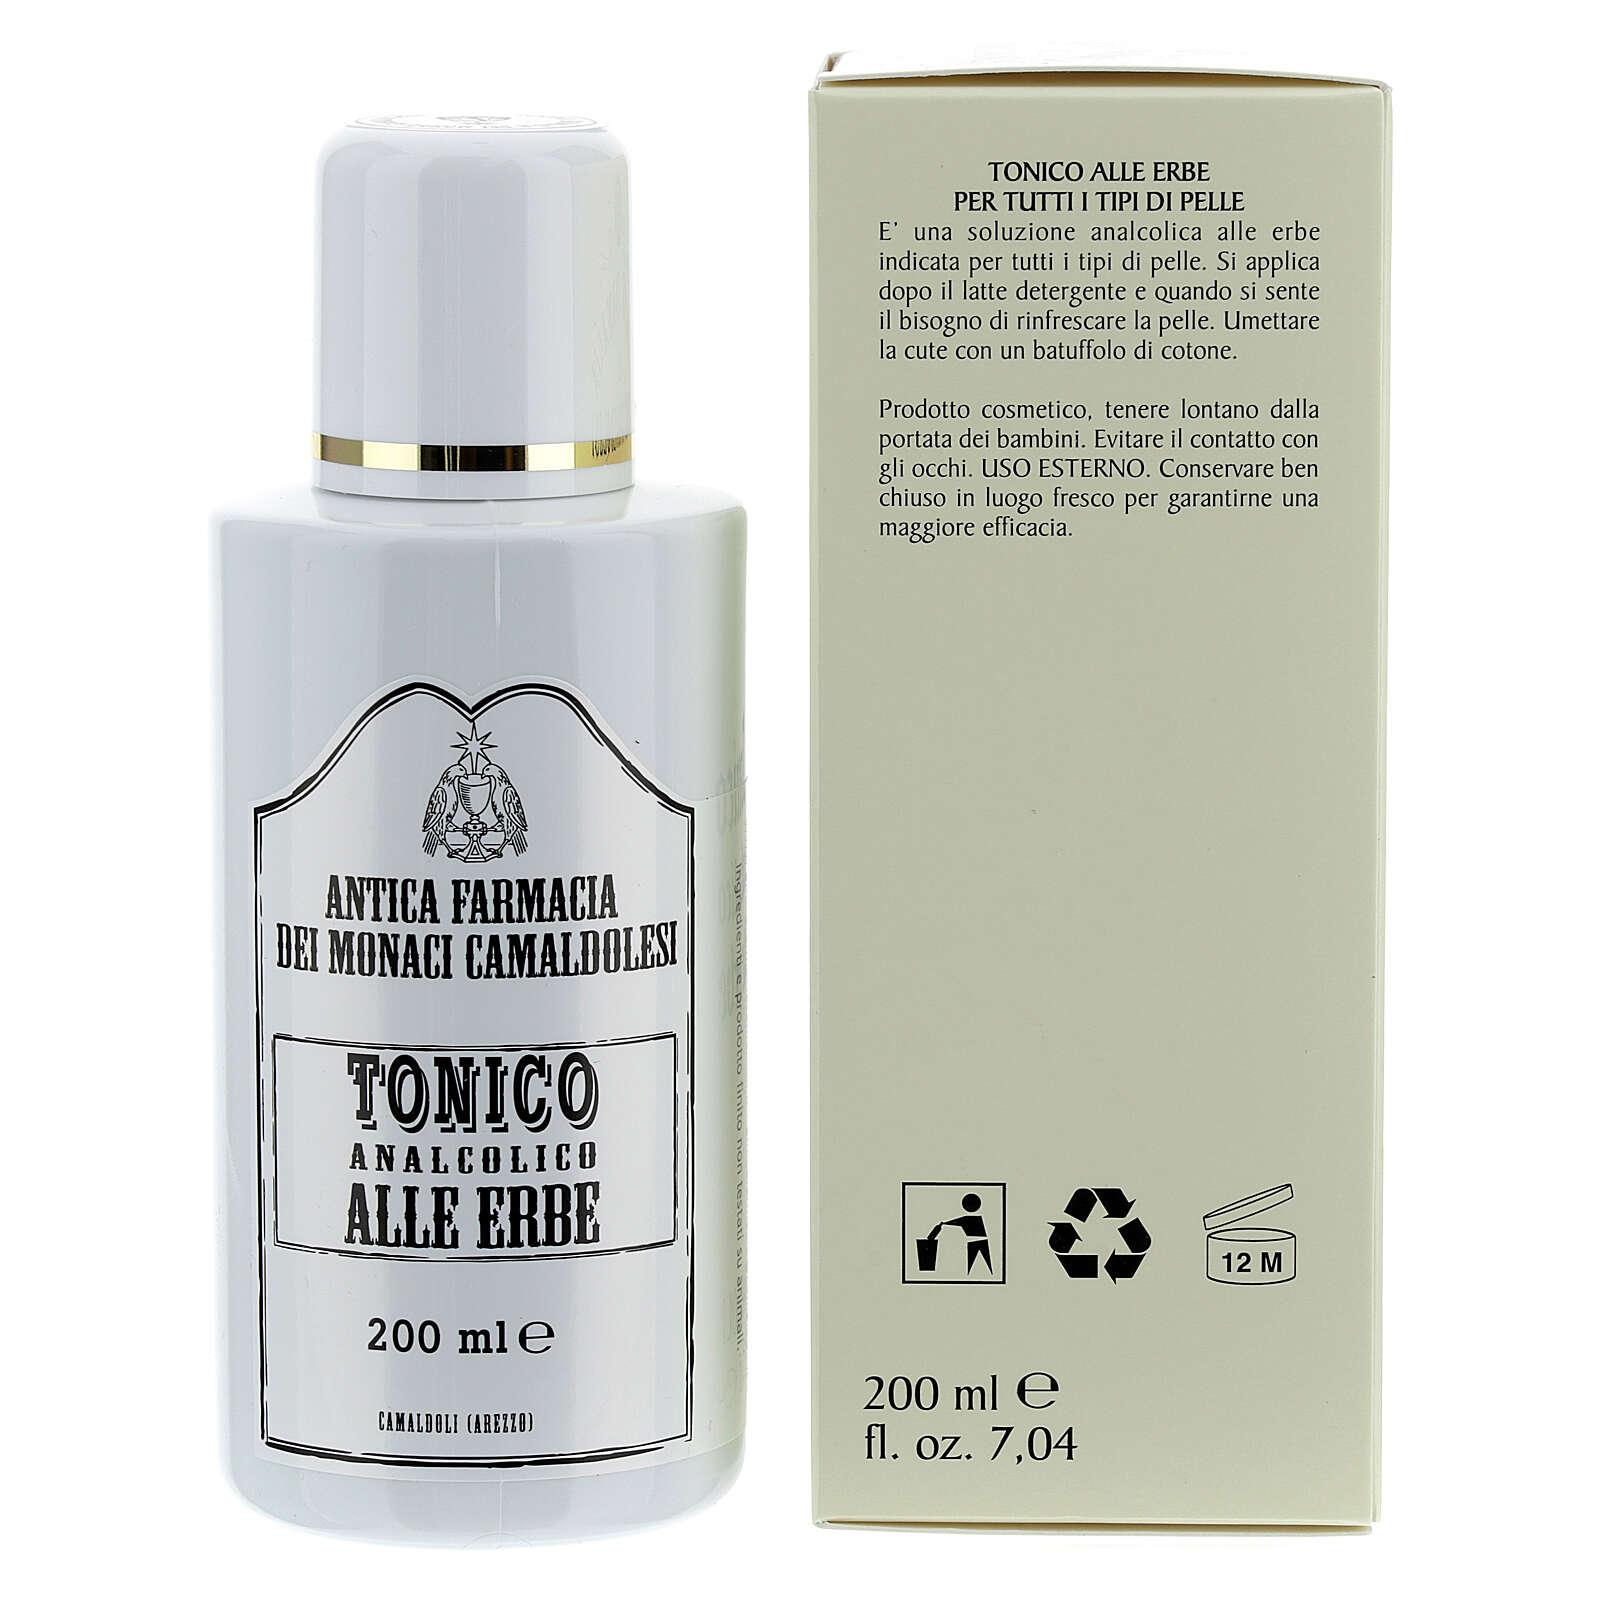 Tonico Analcolico alle Erbe 200 ml 4